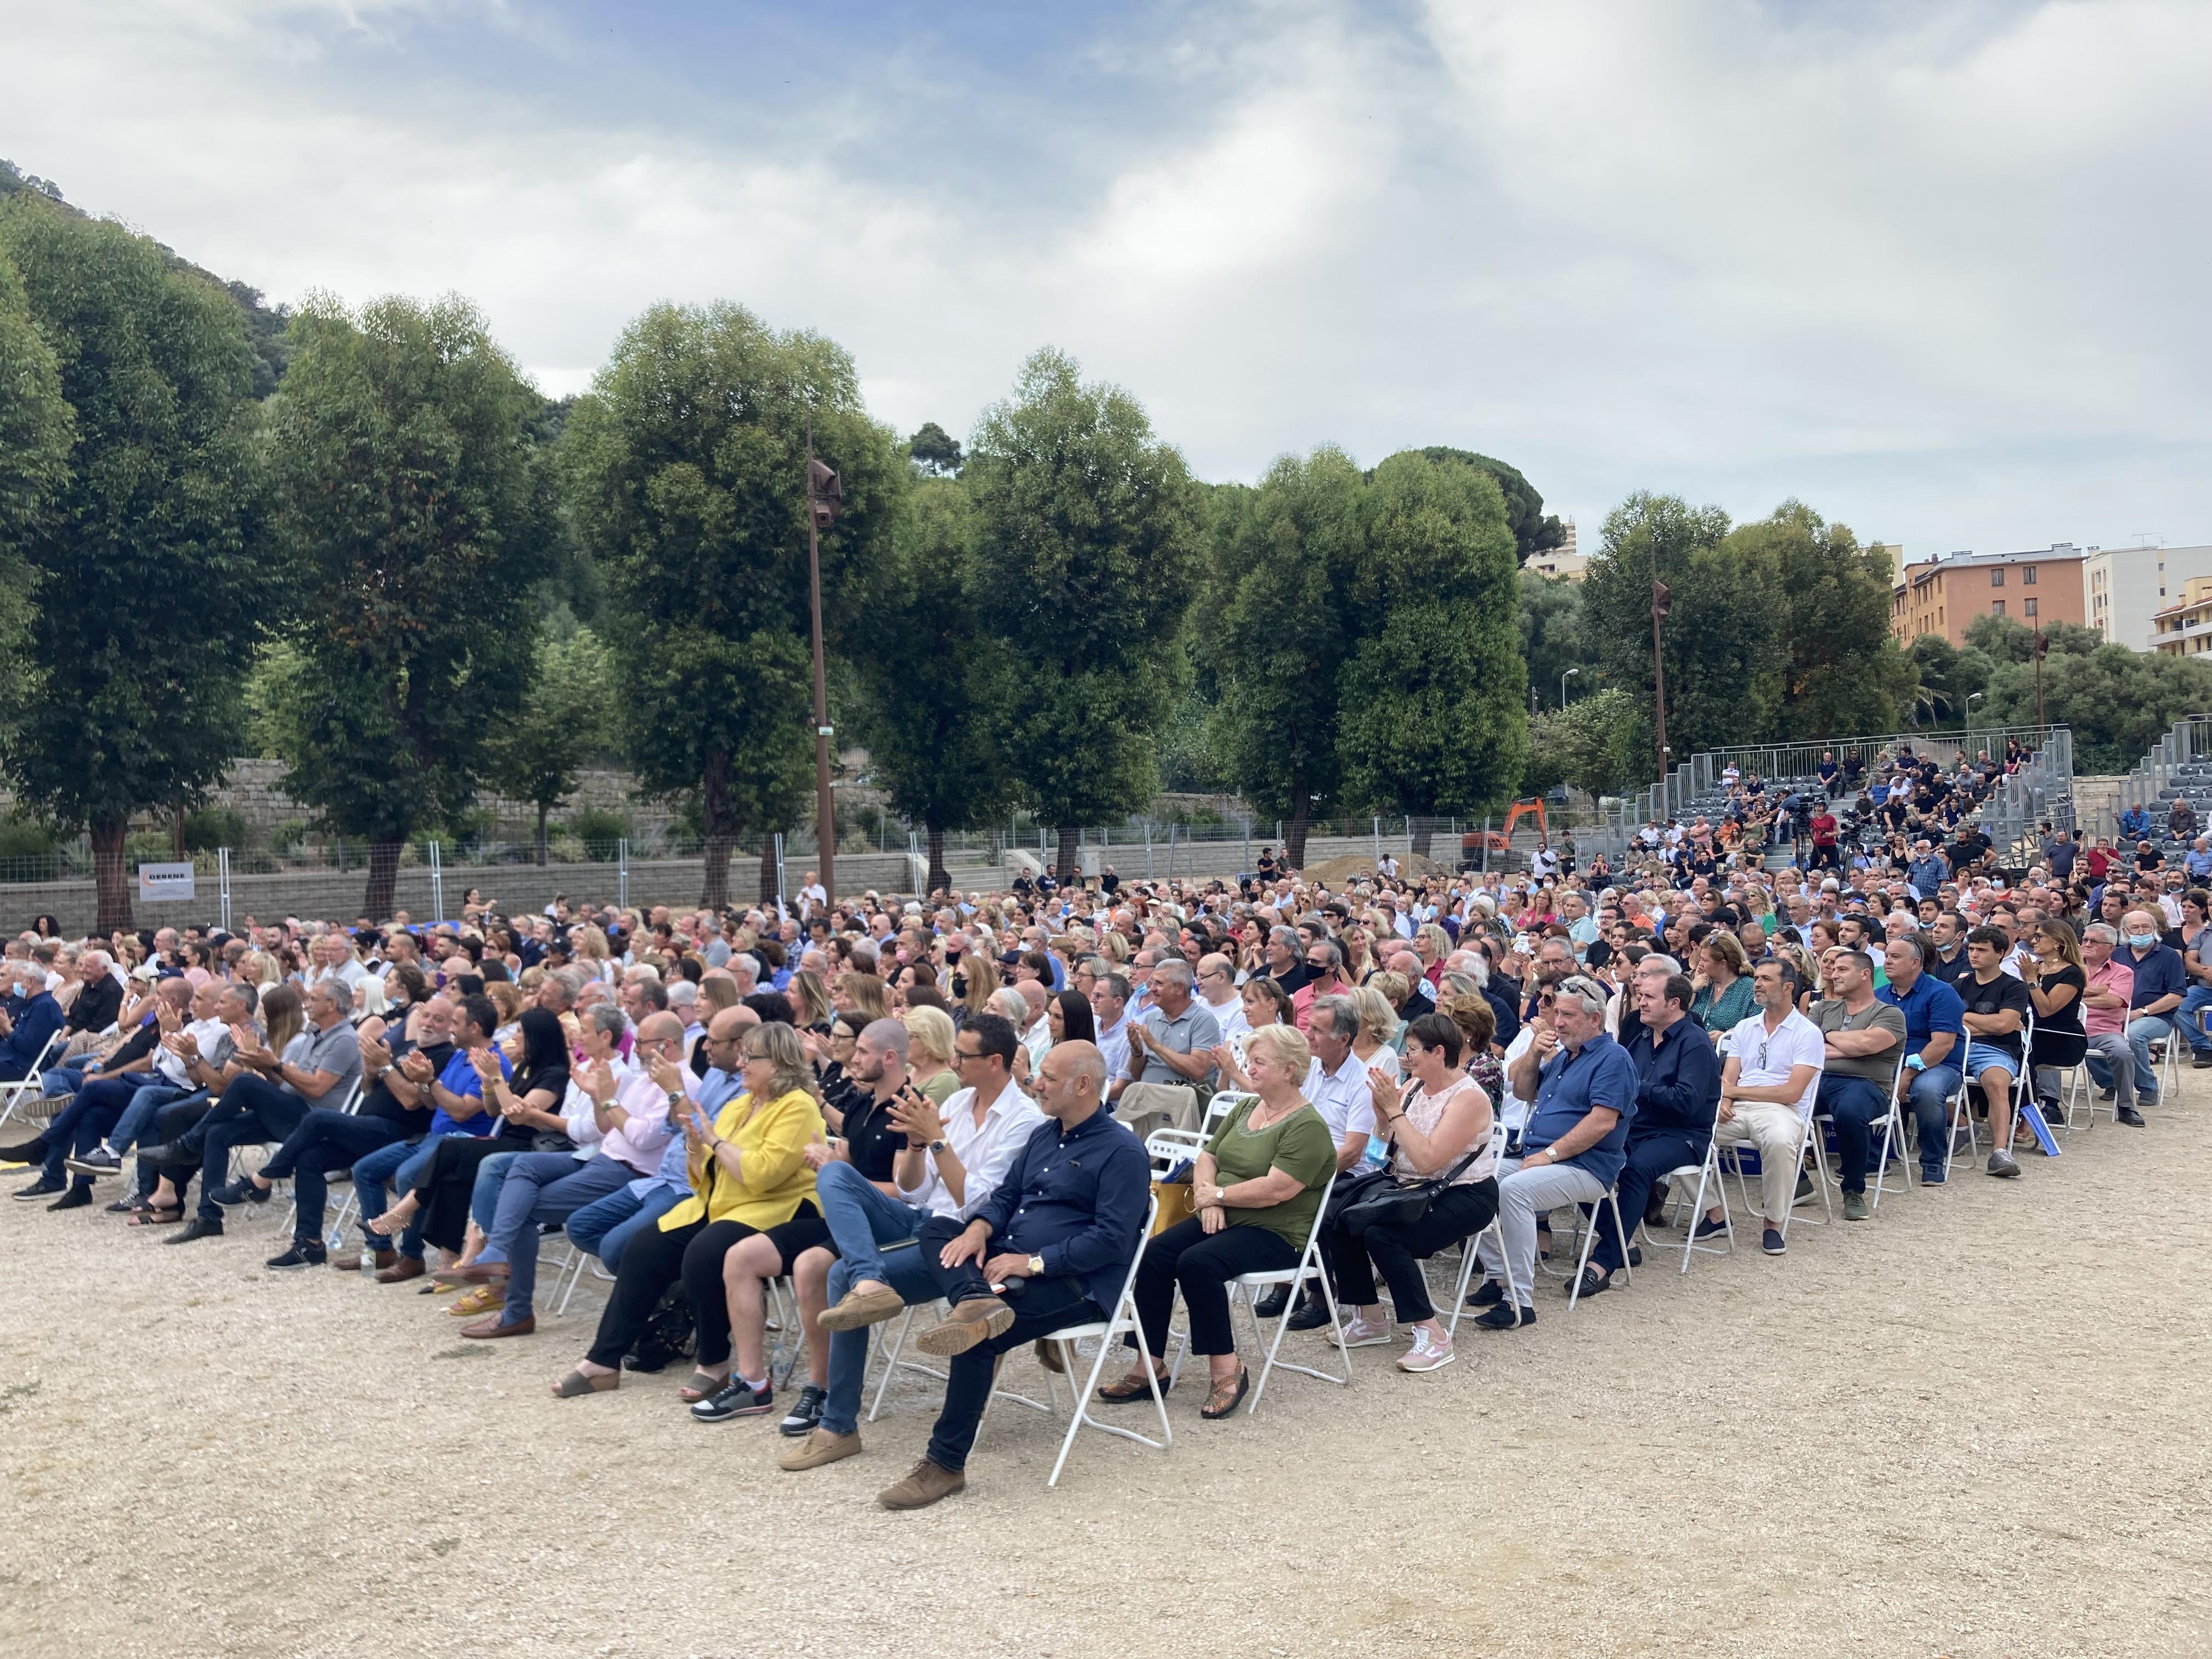 Une foule en nombre était au rendez-vous pour ce dernier meeting à Ajaccio. Photo : Julia Sereni